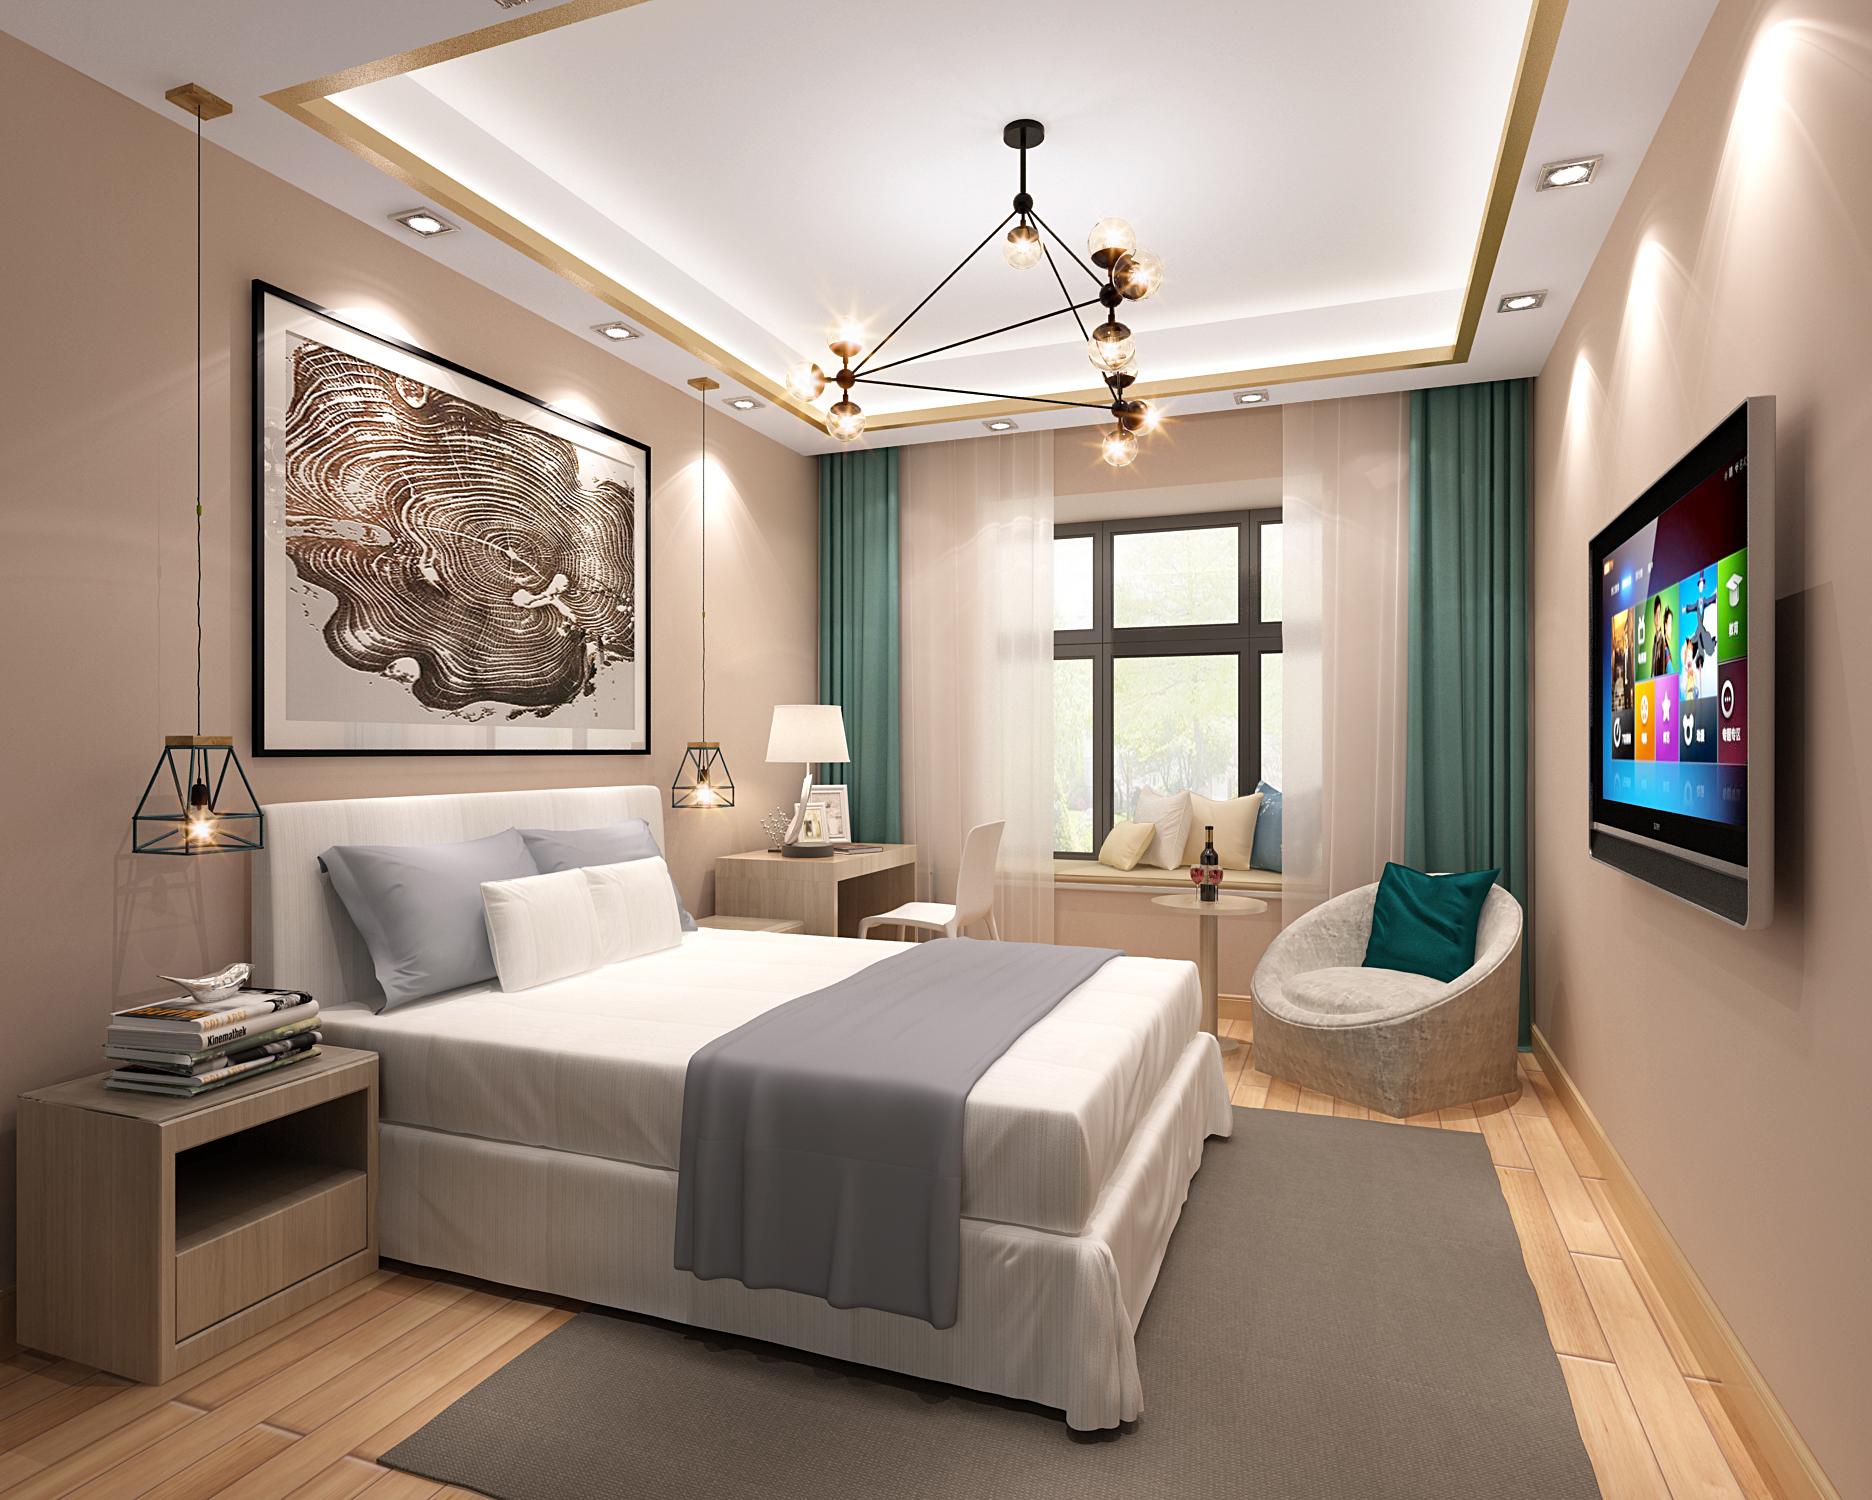 中式 风格 二居 卧室图片来自轻舟装饰-90后的华仔在融城-120平米-中式风格的分享